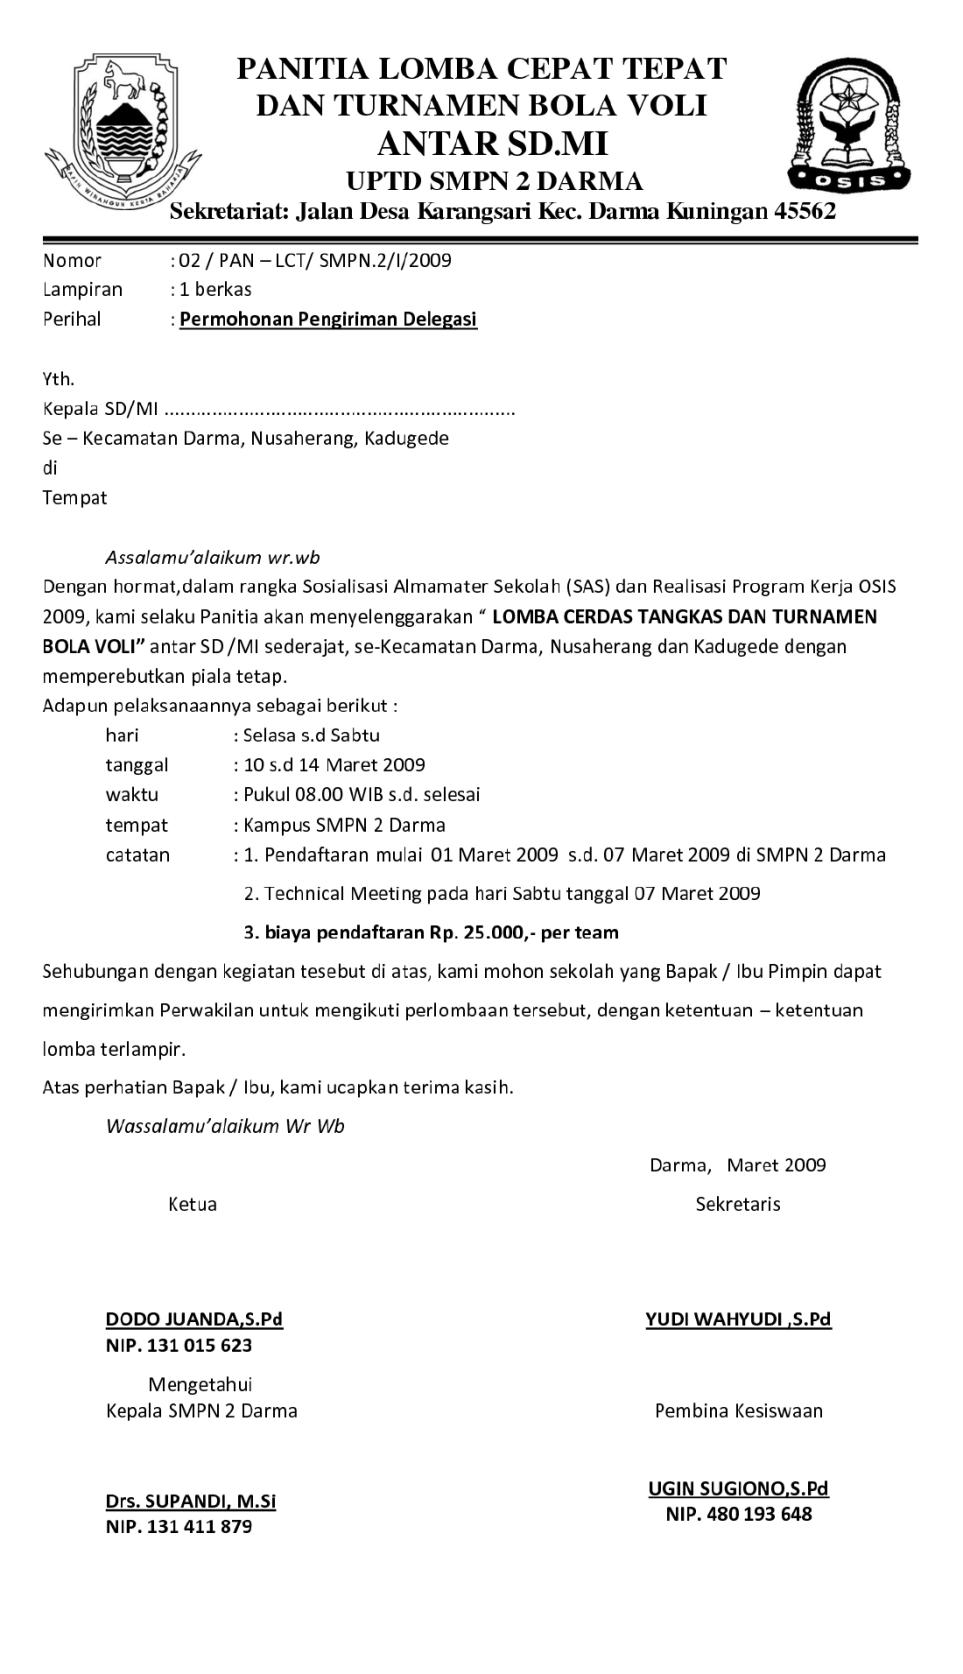 2. Contoh Surat Pemberitahuan Kegiatan Sekolah